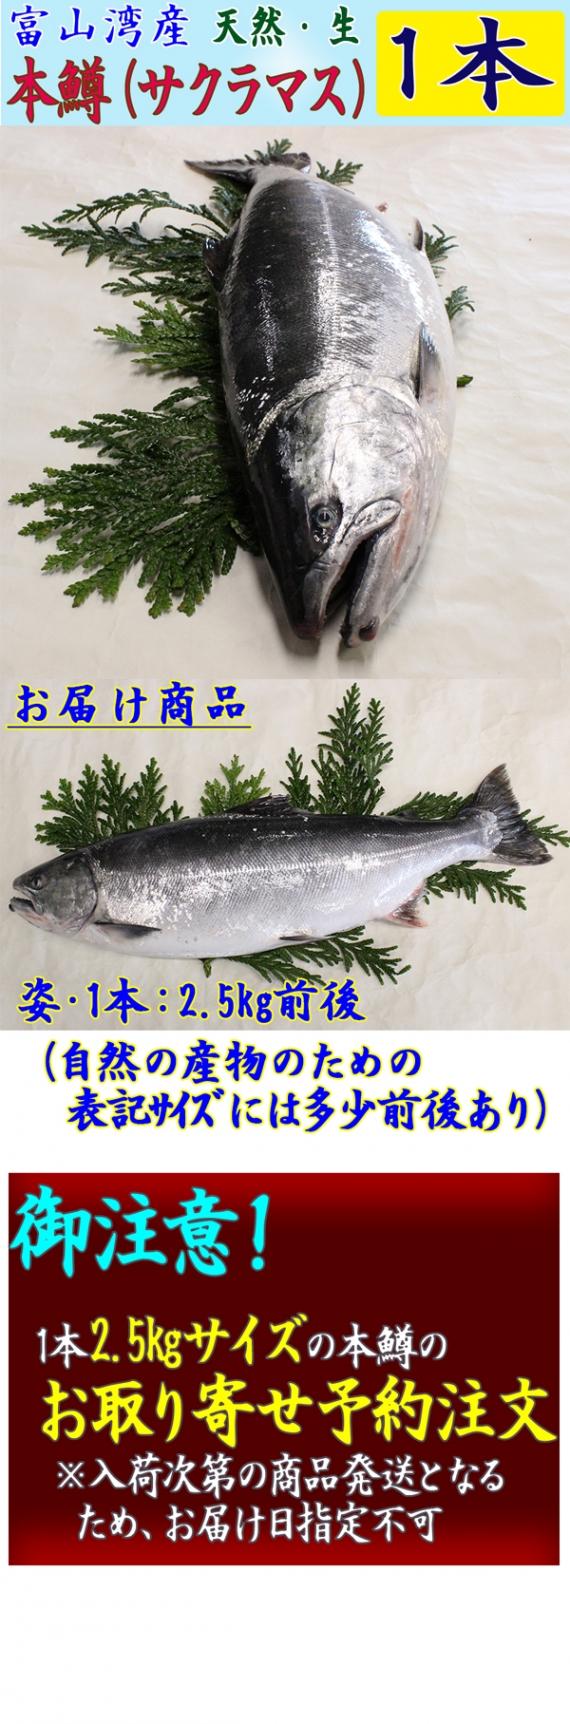 【2016年5月−販売予定】*送料無料 | 5/17迄の特別価格での予約注文*【富山湾産】天然・本マス(サクラマス)姿1本−2.5kg前後<天然・生>・・・ます寿司で知られる富山。